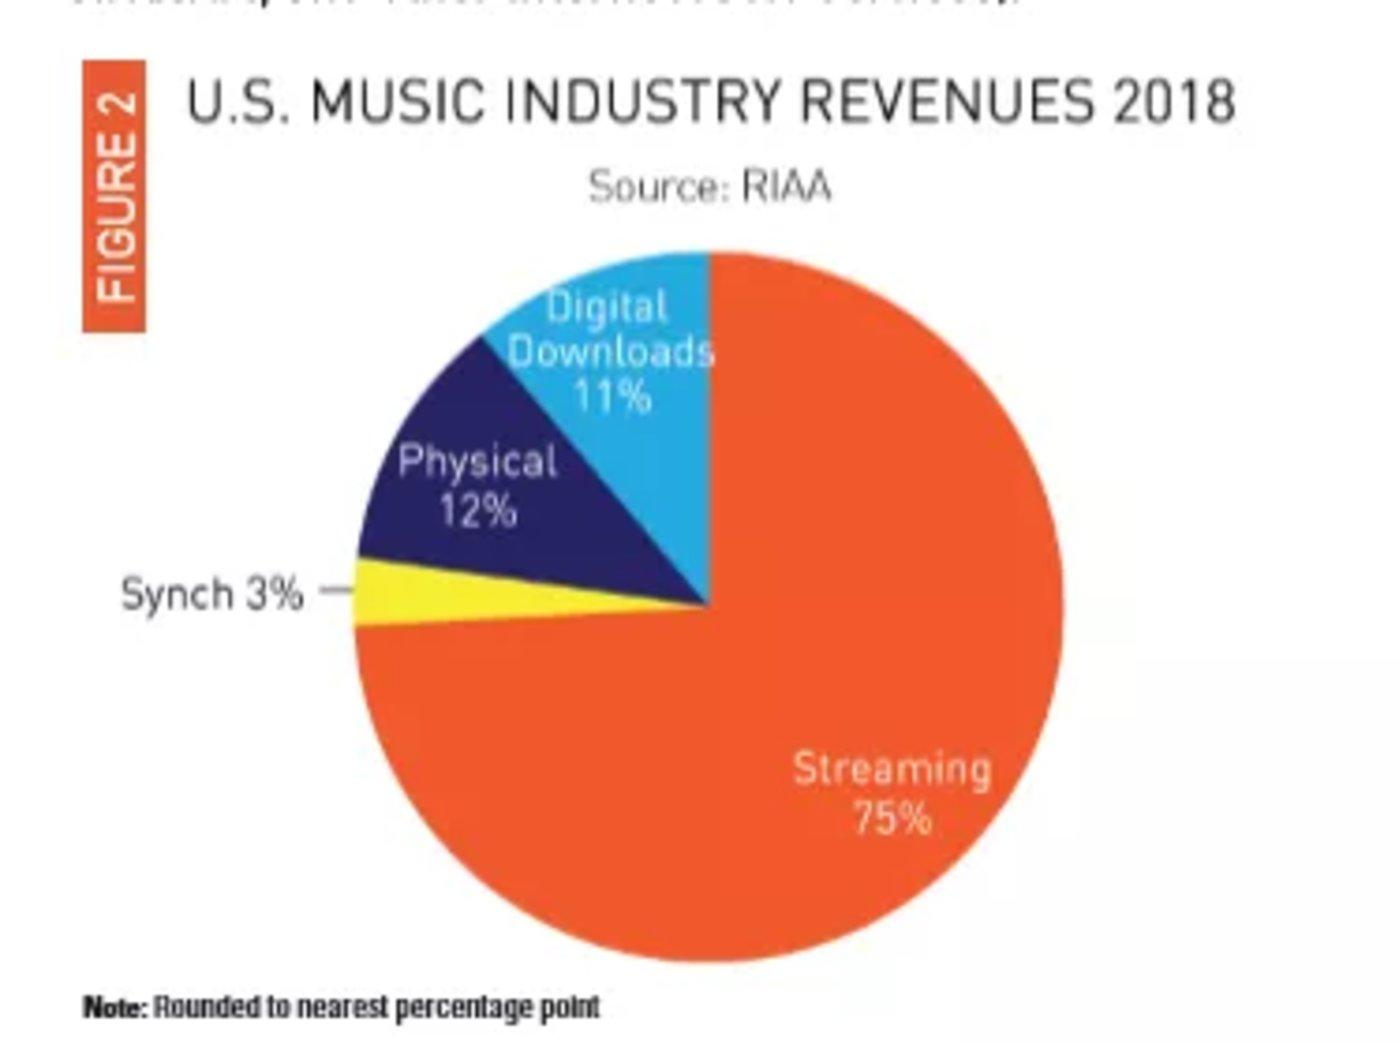 周杰伦的歌要付费听了,音乐付费爆发还有多远?